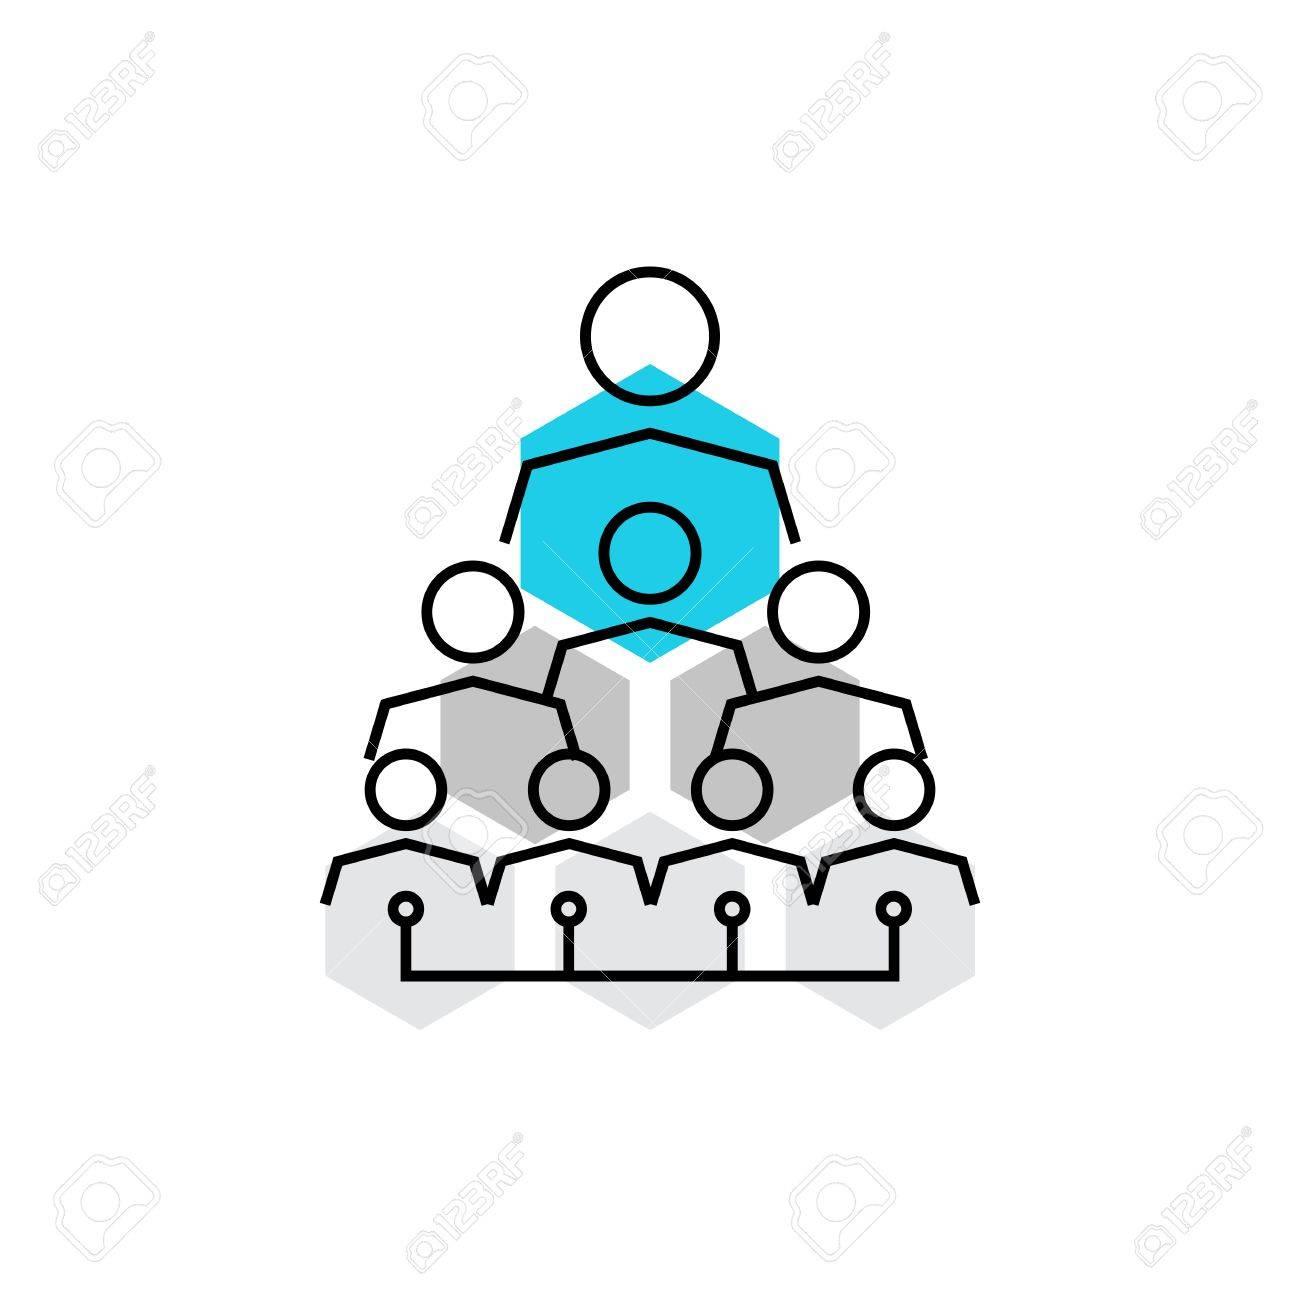 Icono De Vector Moderna De La Estructura De La Empresa La Jerarquía Corporativa Y Organización De Empleados Calidad Ilustración Vectorial Concepto